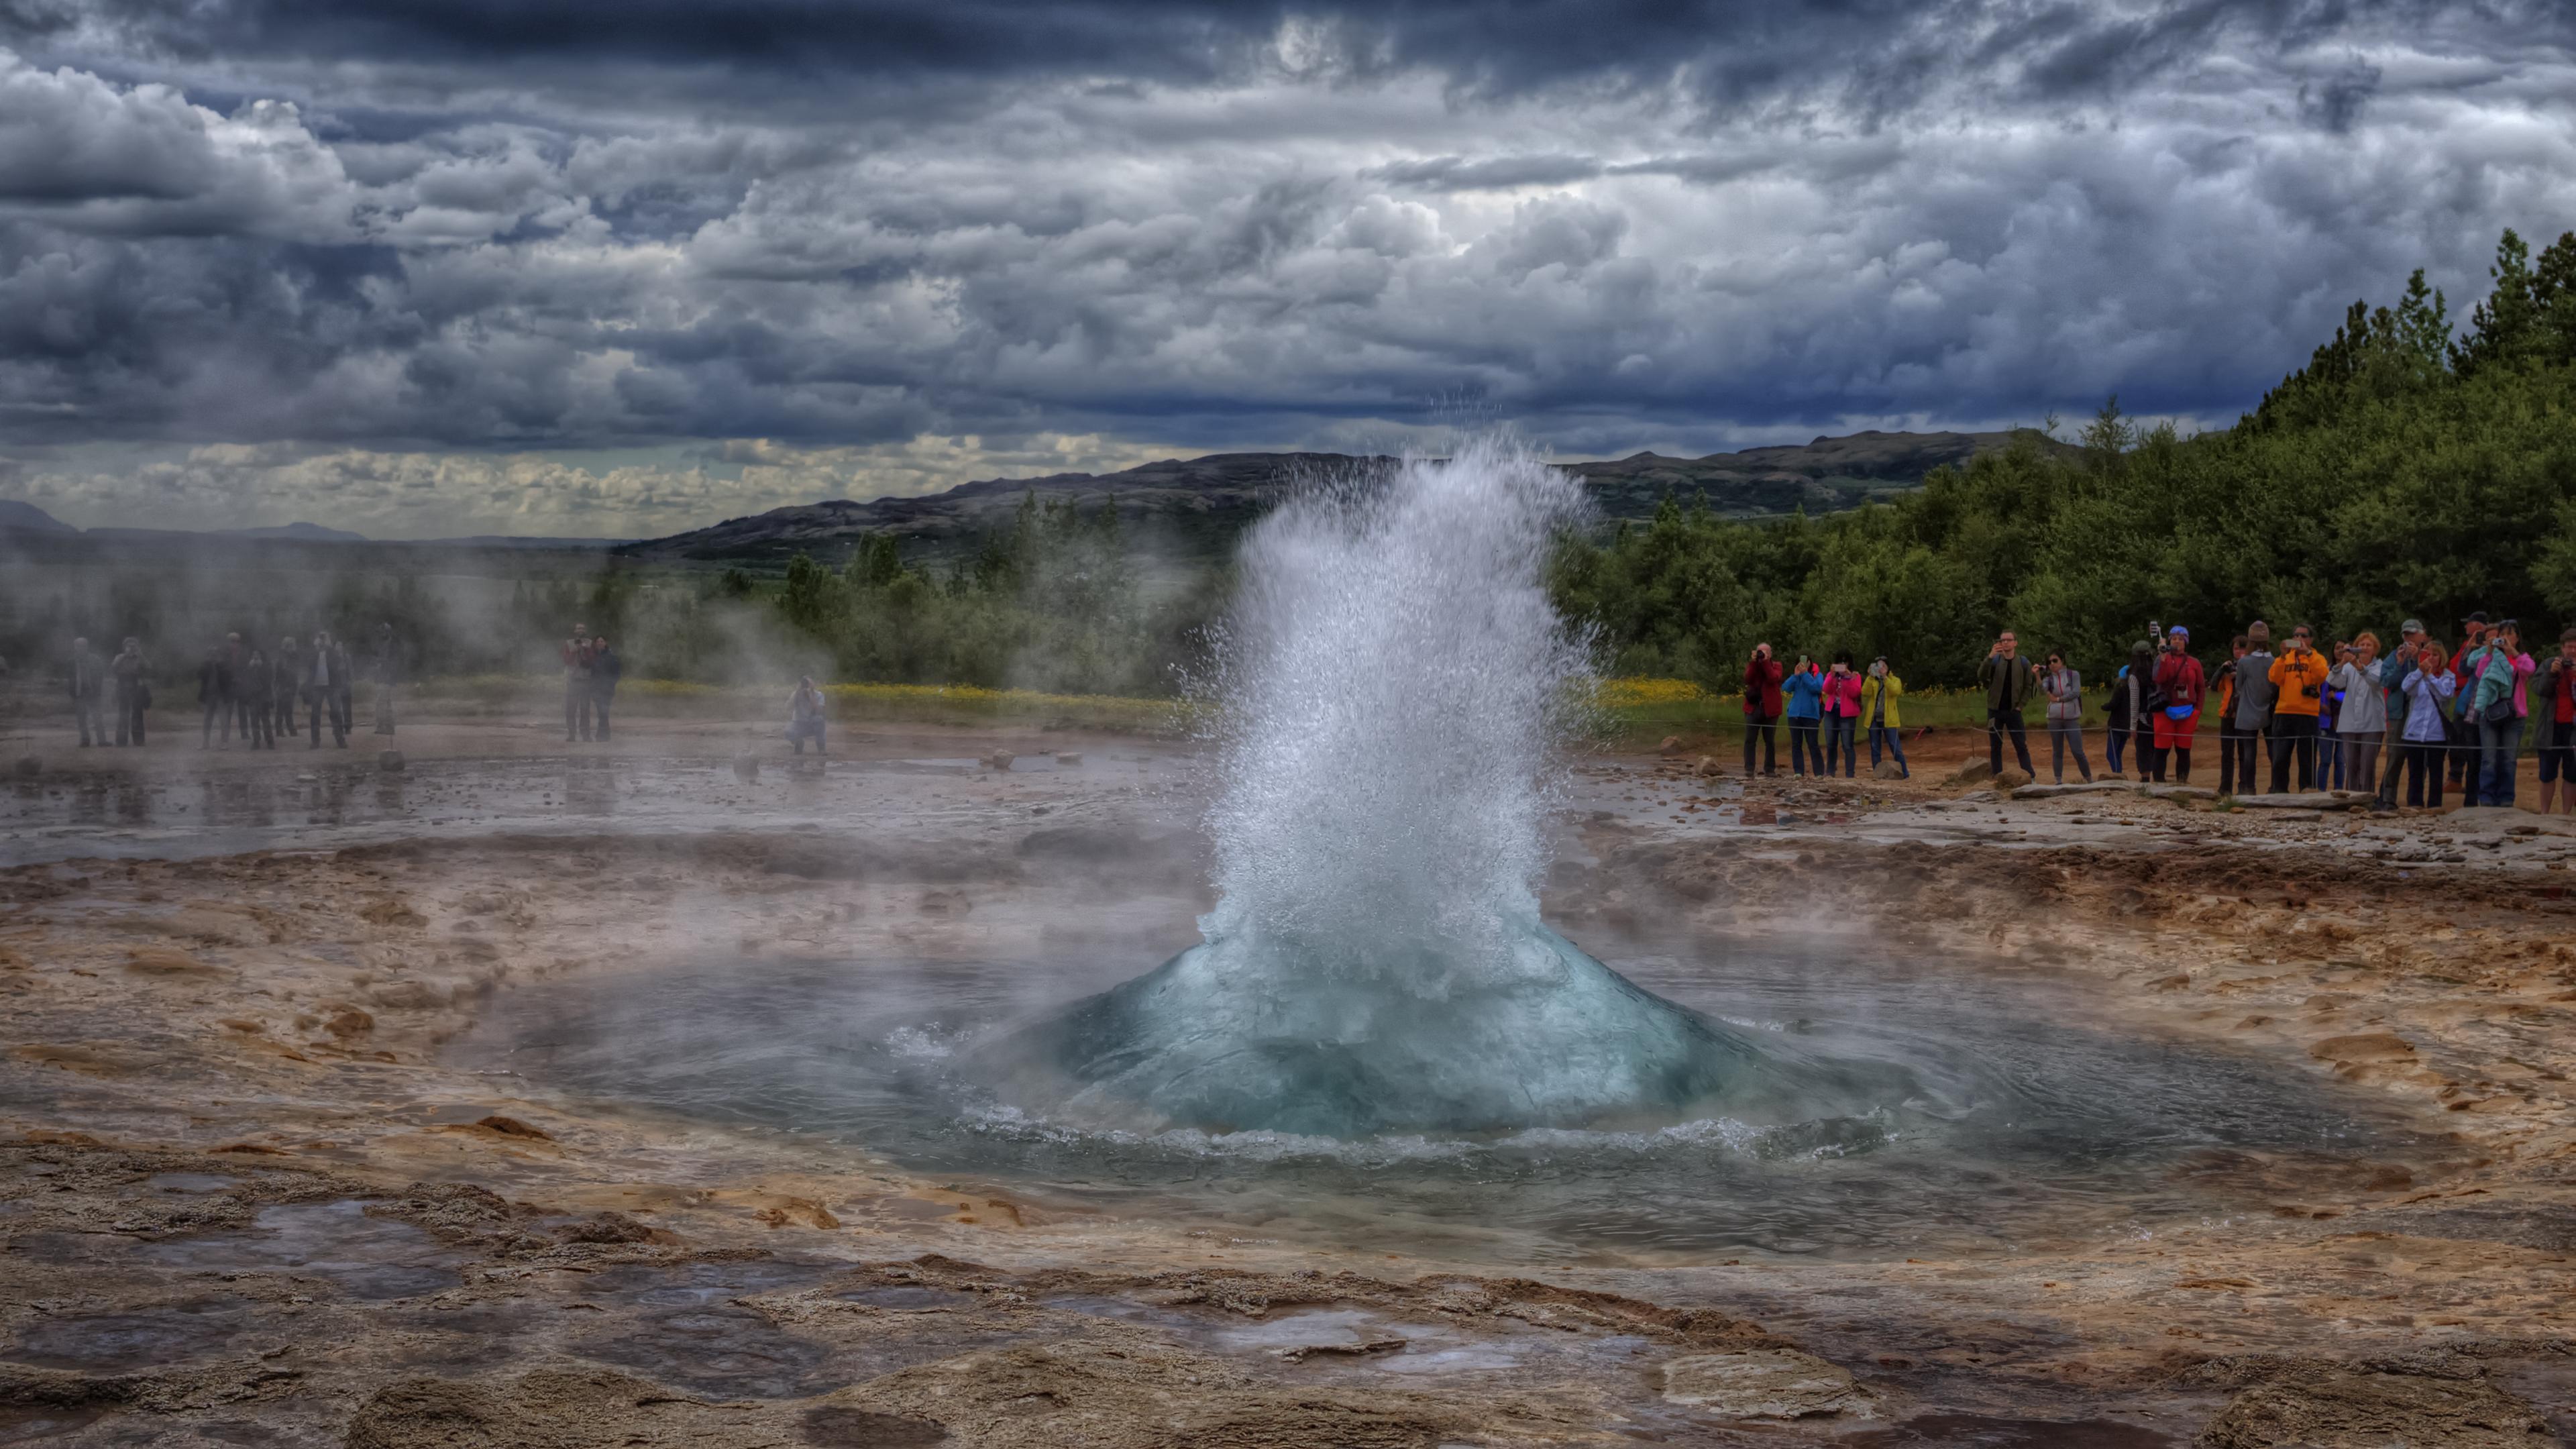 Strokkur Fountain Geyser